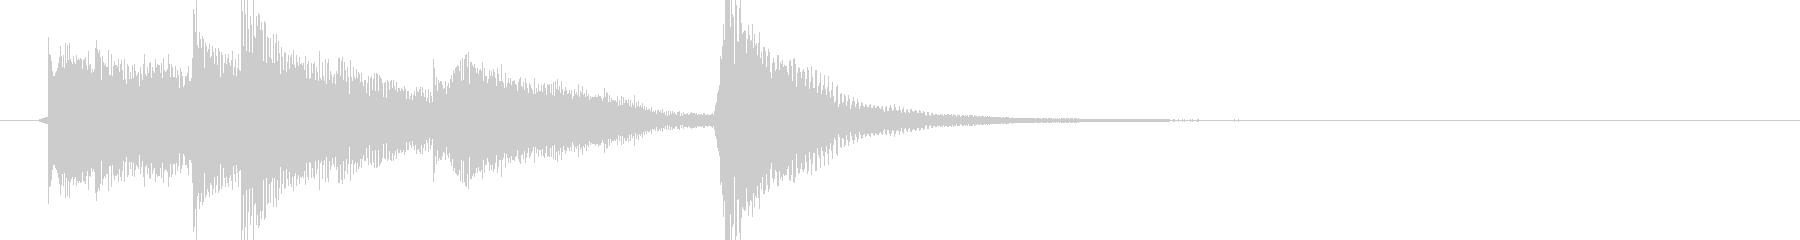 マリンバとストリングスのかわいいジングルの未再生の波形